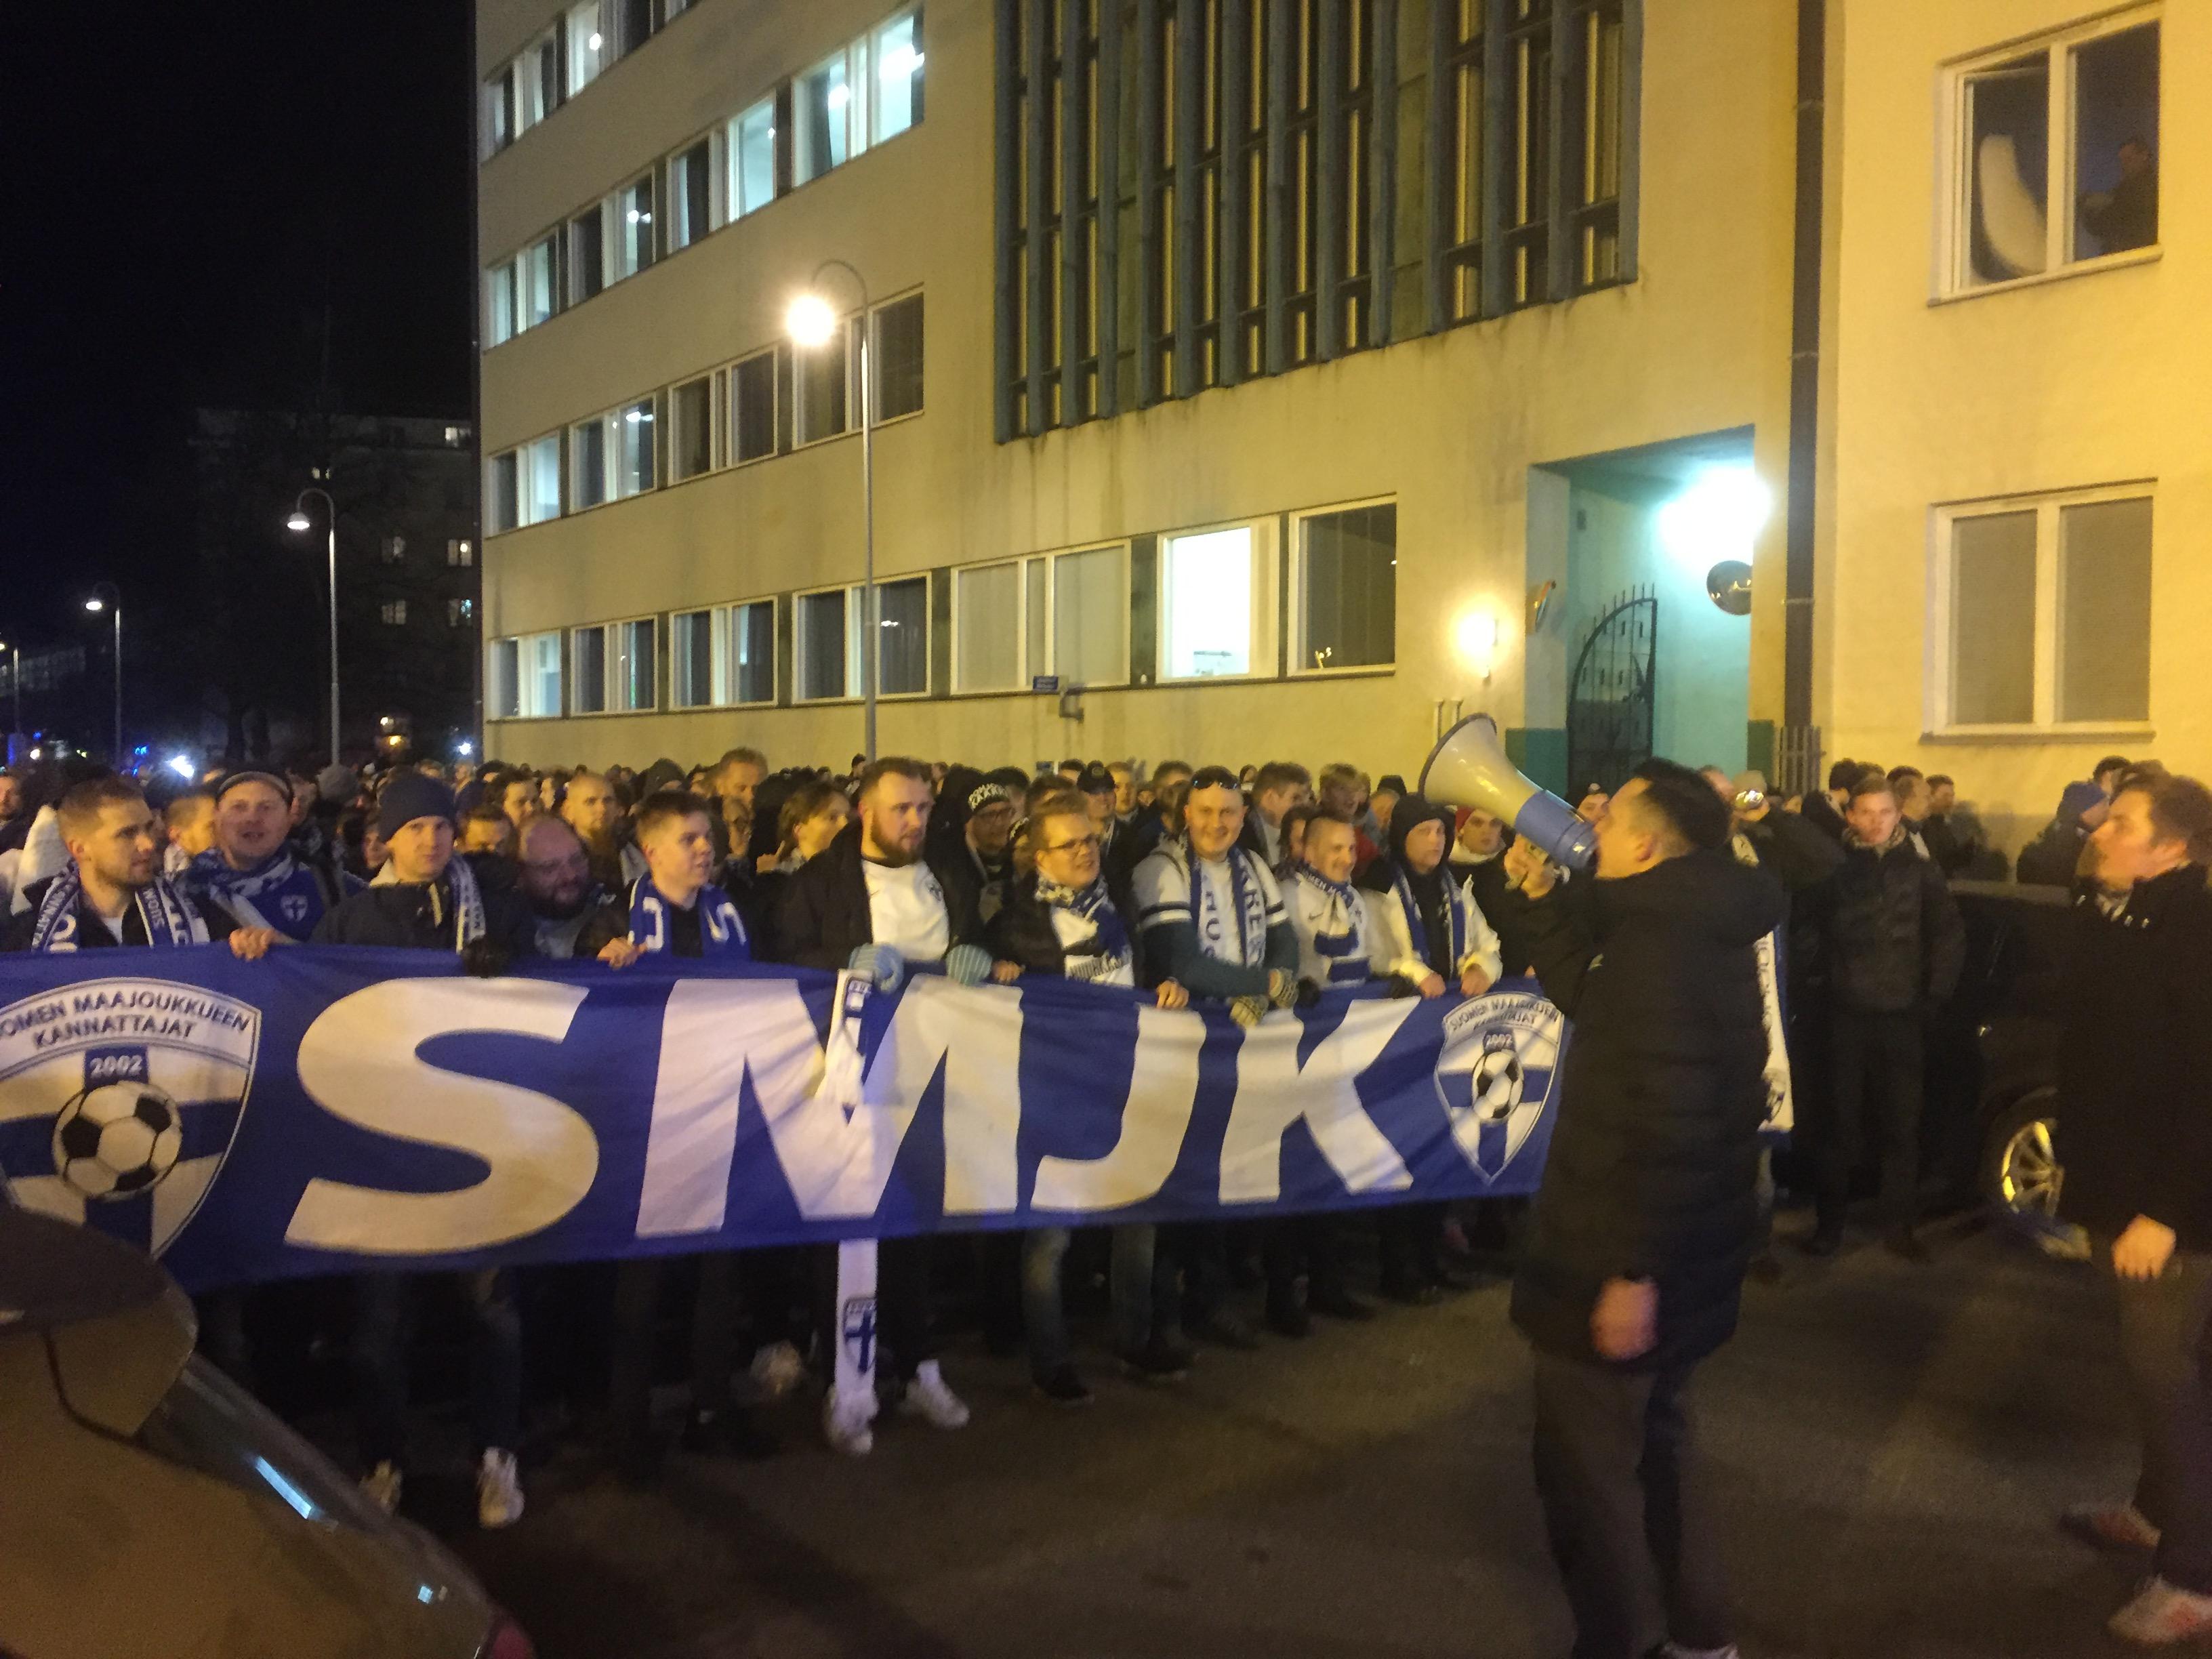 SMJK järjesti Töölön halki kulkeneen kannattajamarssin ennen 15. marraskuuta pelattua Suomi-Liechtenstein-ottelua.